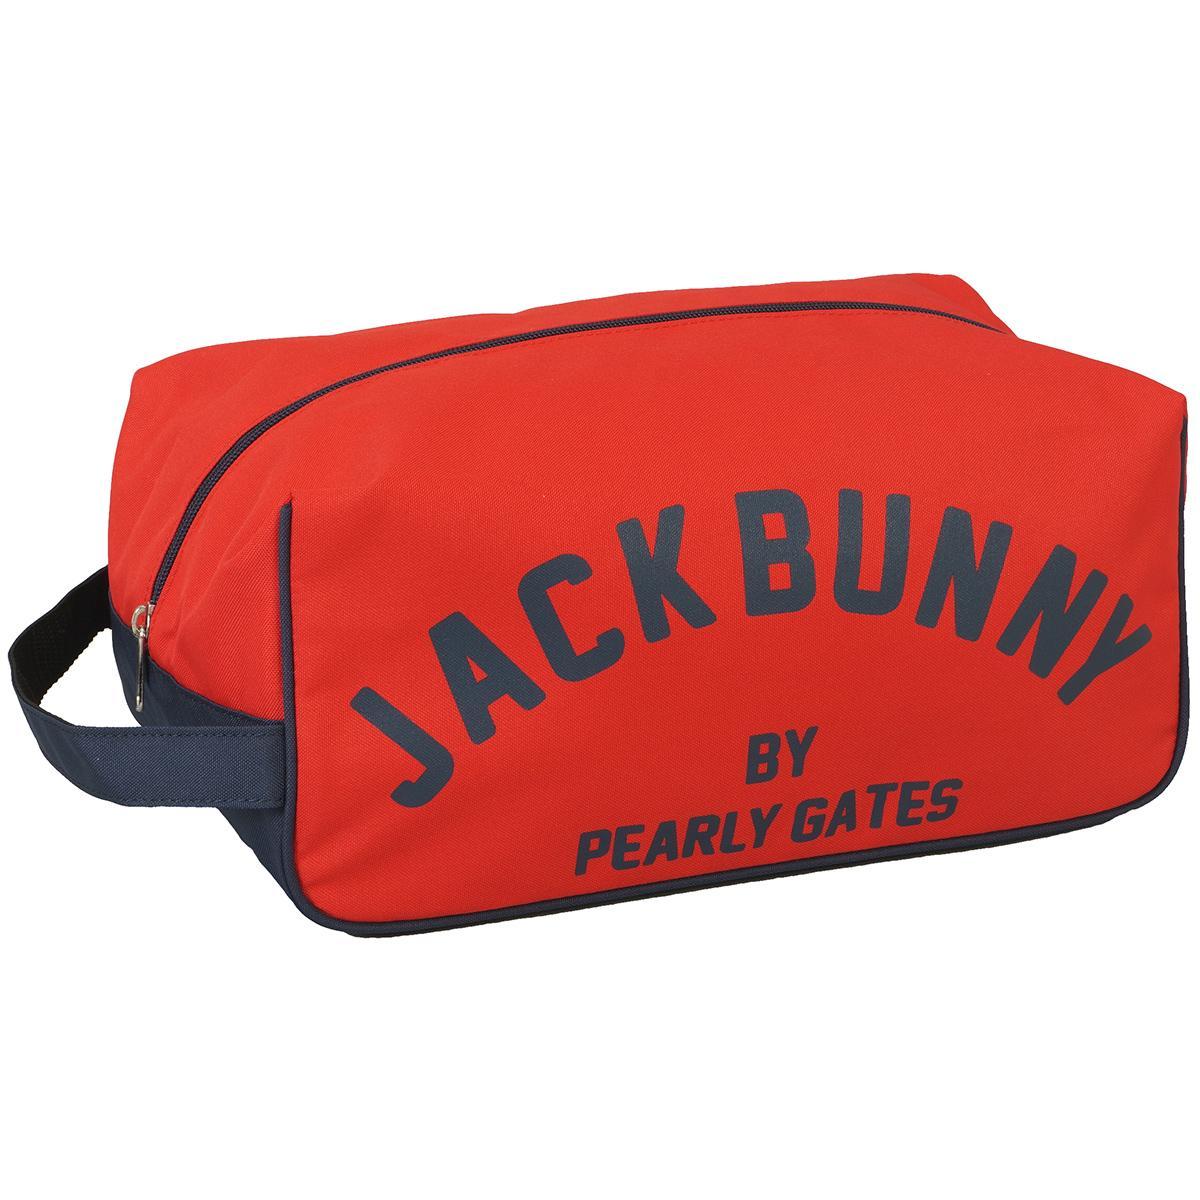 ジャックバニー バイ パーリーゲイツ Jack Bunny!! by PEARLY GATES シューズケース 262-6984102[ゴルフ用品 ゴルフ シューズバッグ ゴルフシューズバッグ gdo golf 靴入れ シューズ入れ スポーツ シューズバック スポーツ用品 通販]